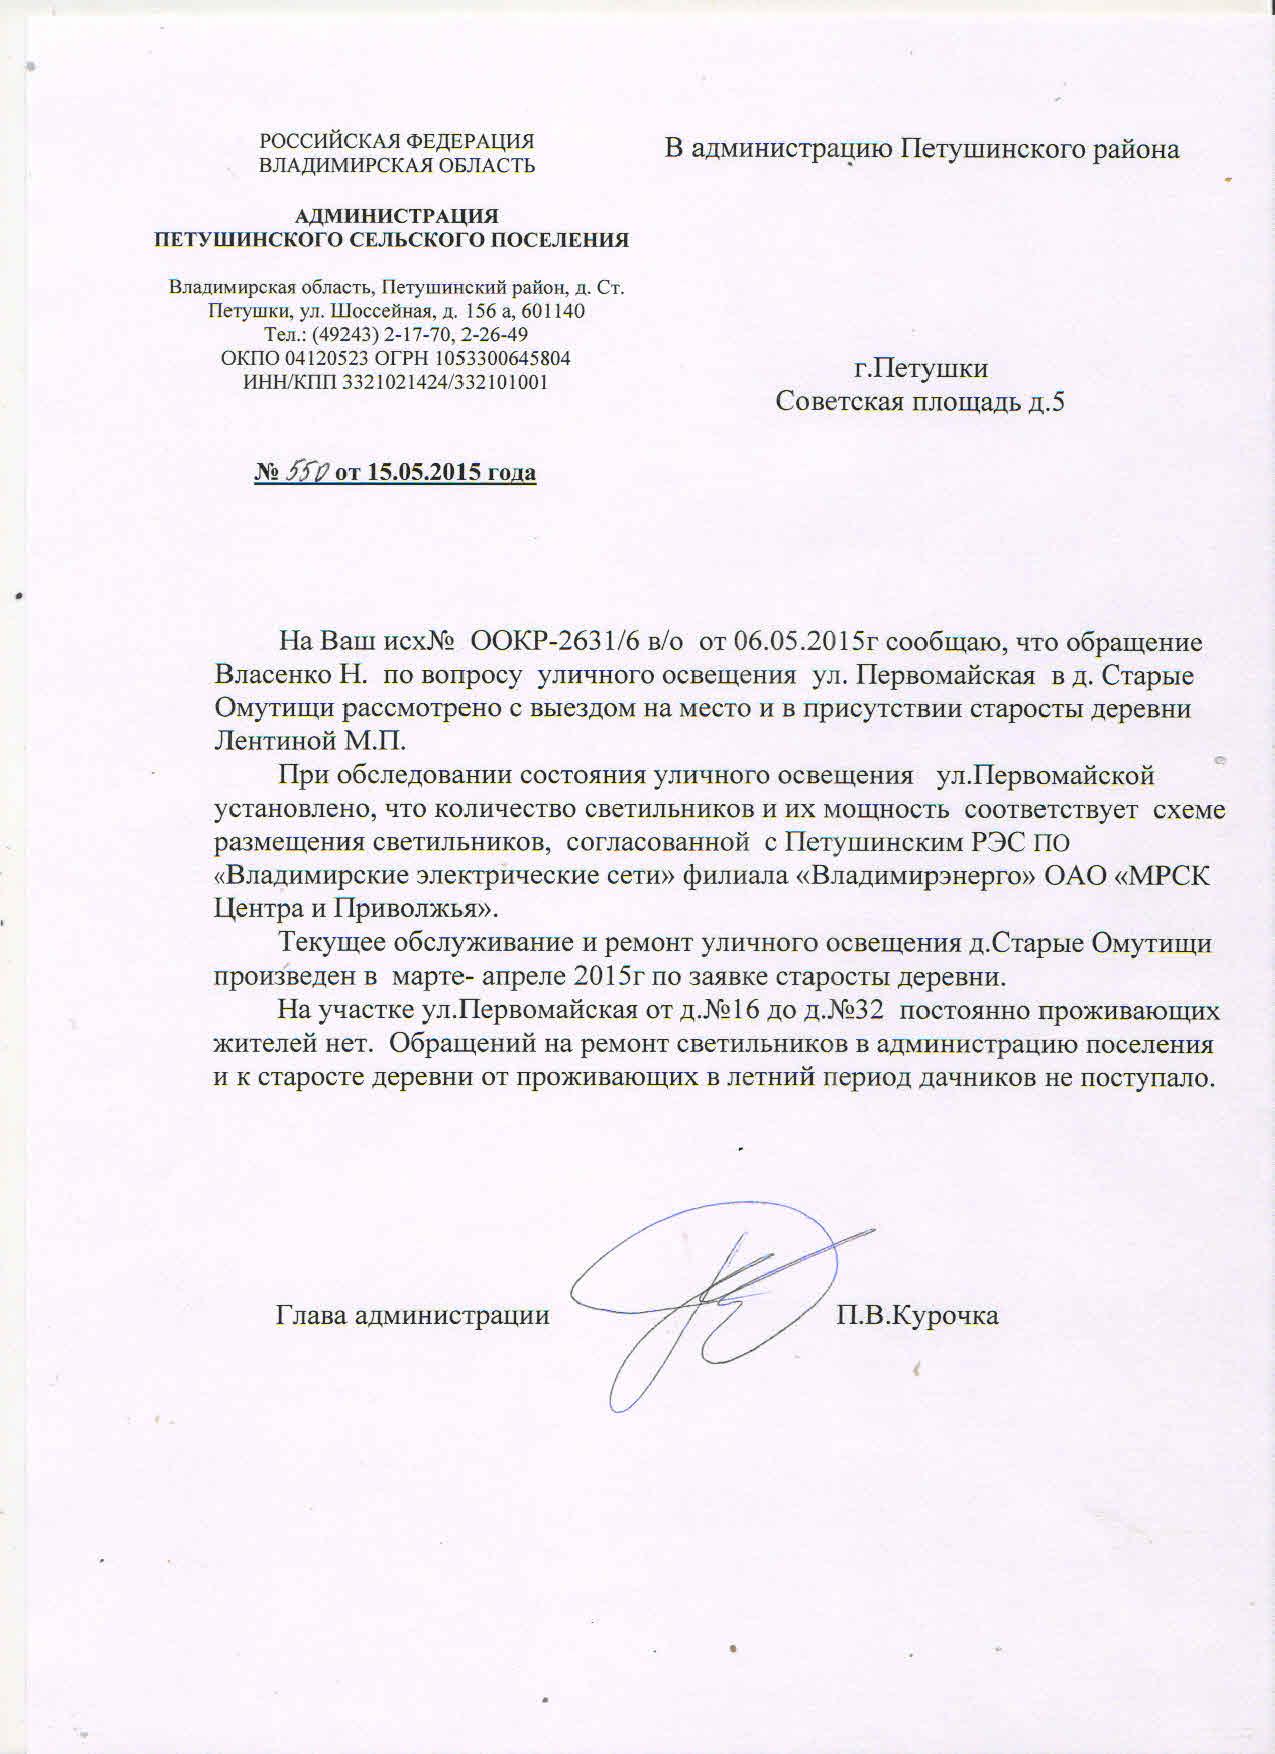 http://vopros-otvet.petushki.info/img/vlasenko.jpg